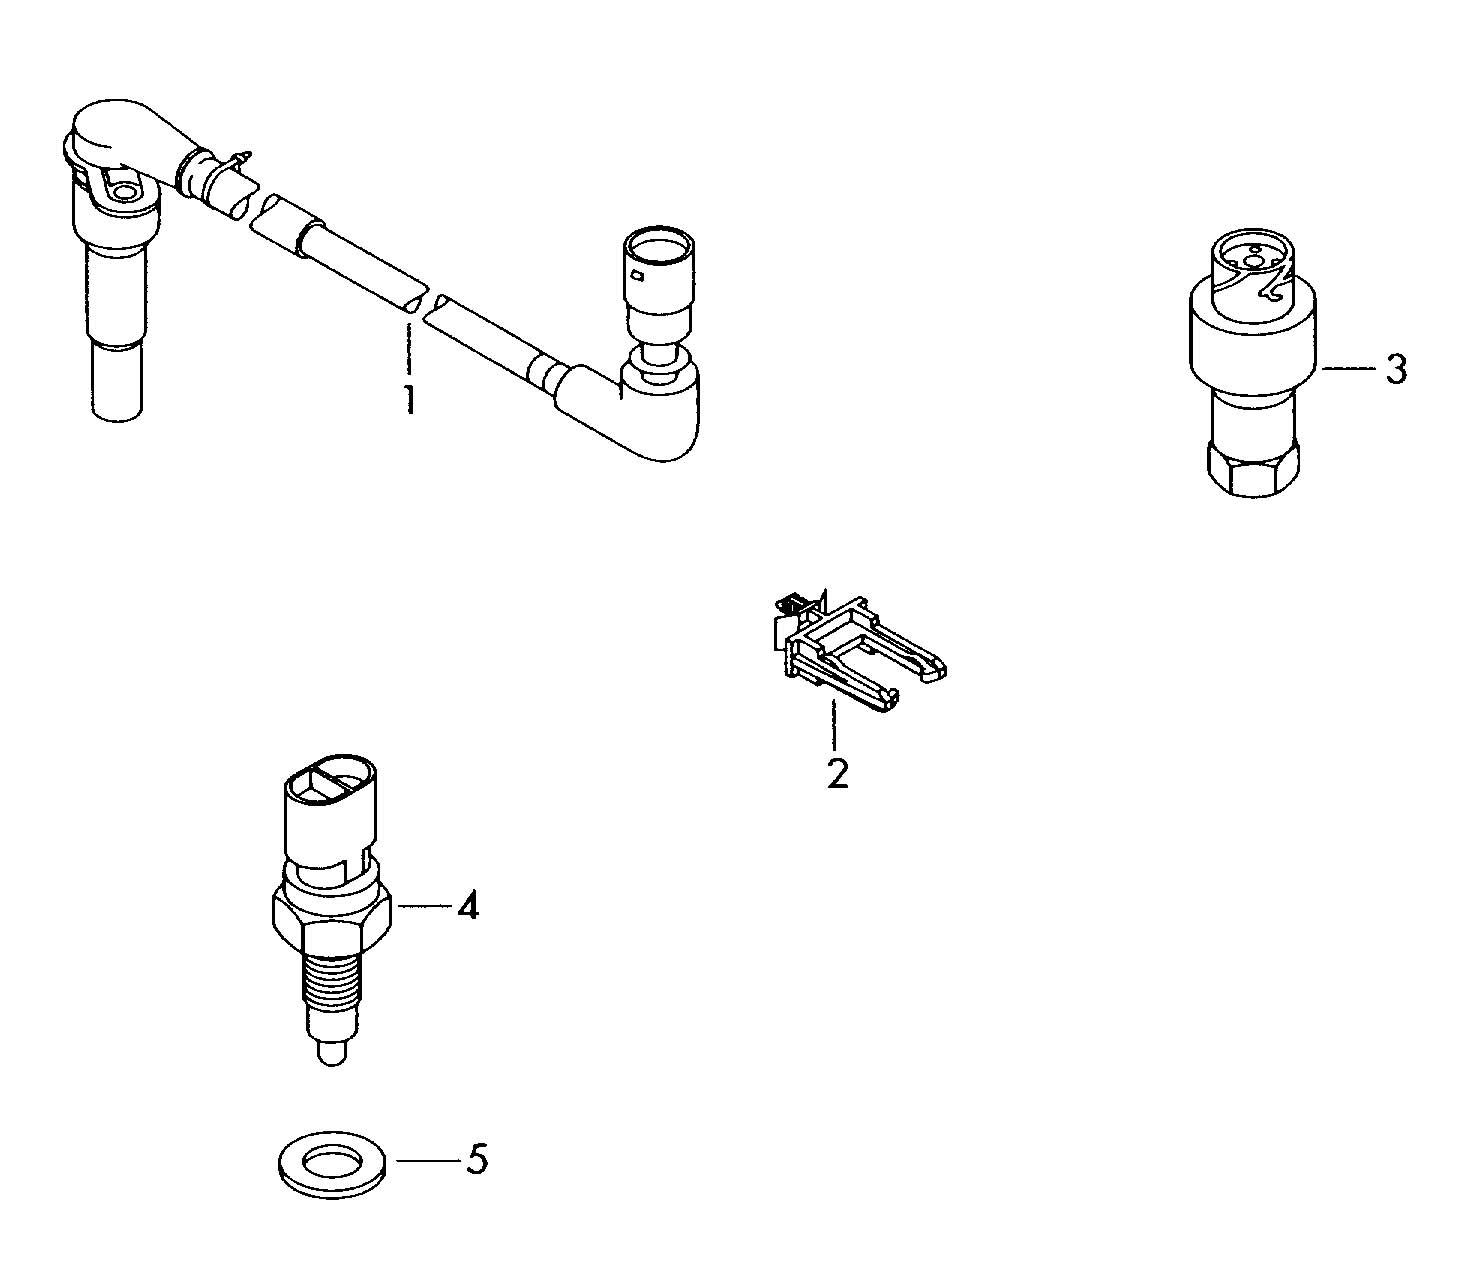 Volkswagen Passat Switch and sender on gearbox 6-speed